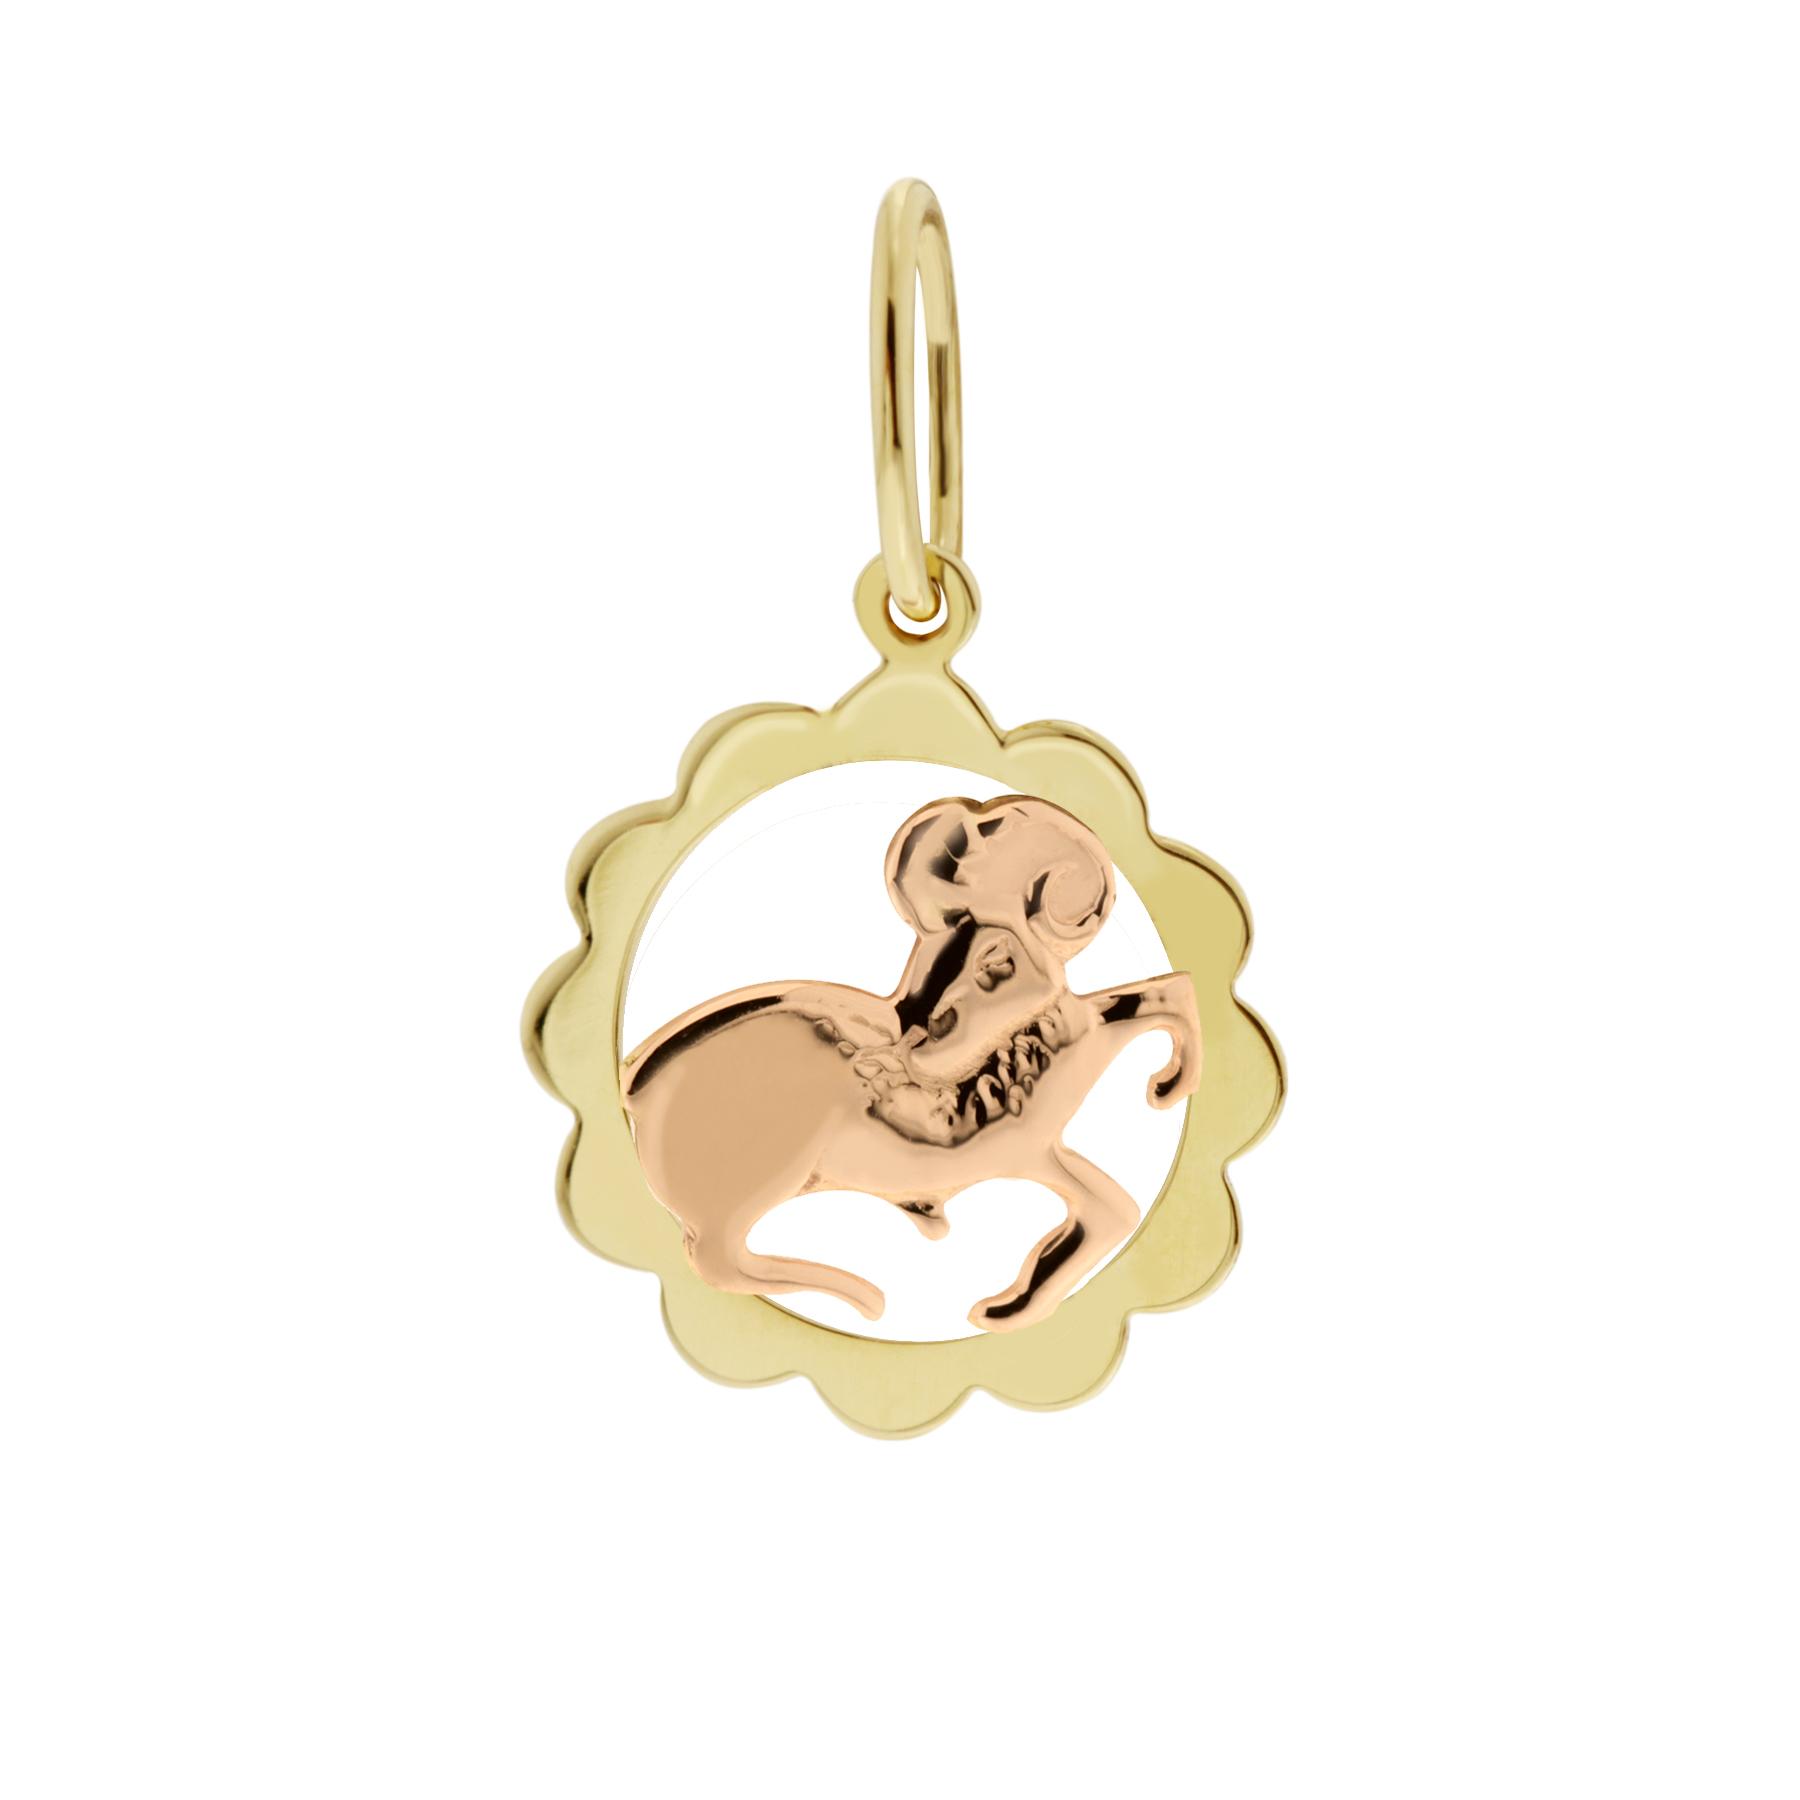 Zlatý přívěsek - znamení zvěrokruhu Beran Tvar: Kytička, hladký rámeček